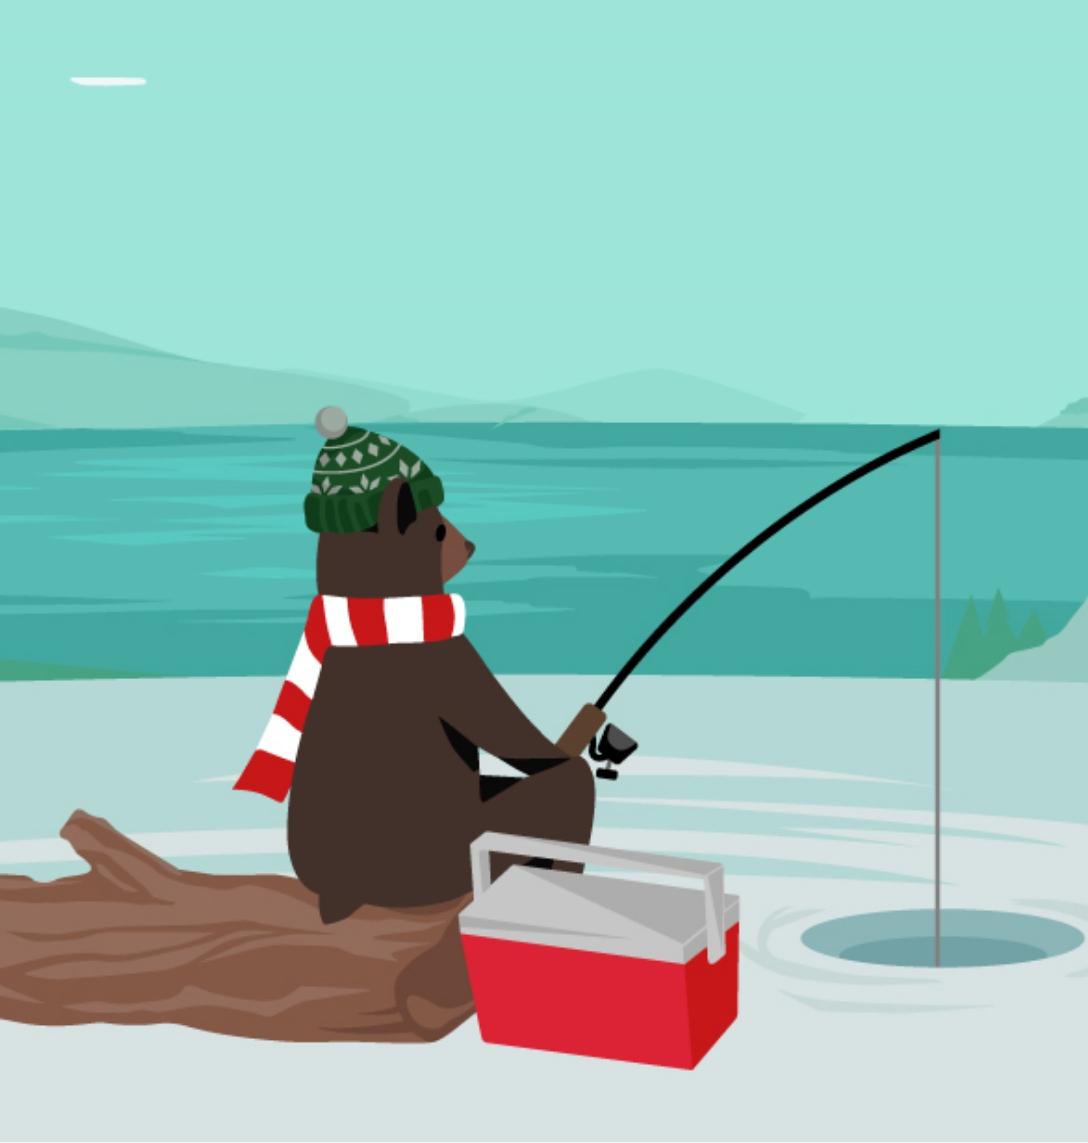 [Lands' End] Schnäppchen angeln im Winter SALE - bis zu 65% sparen